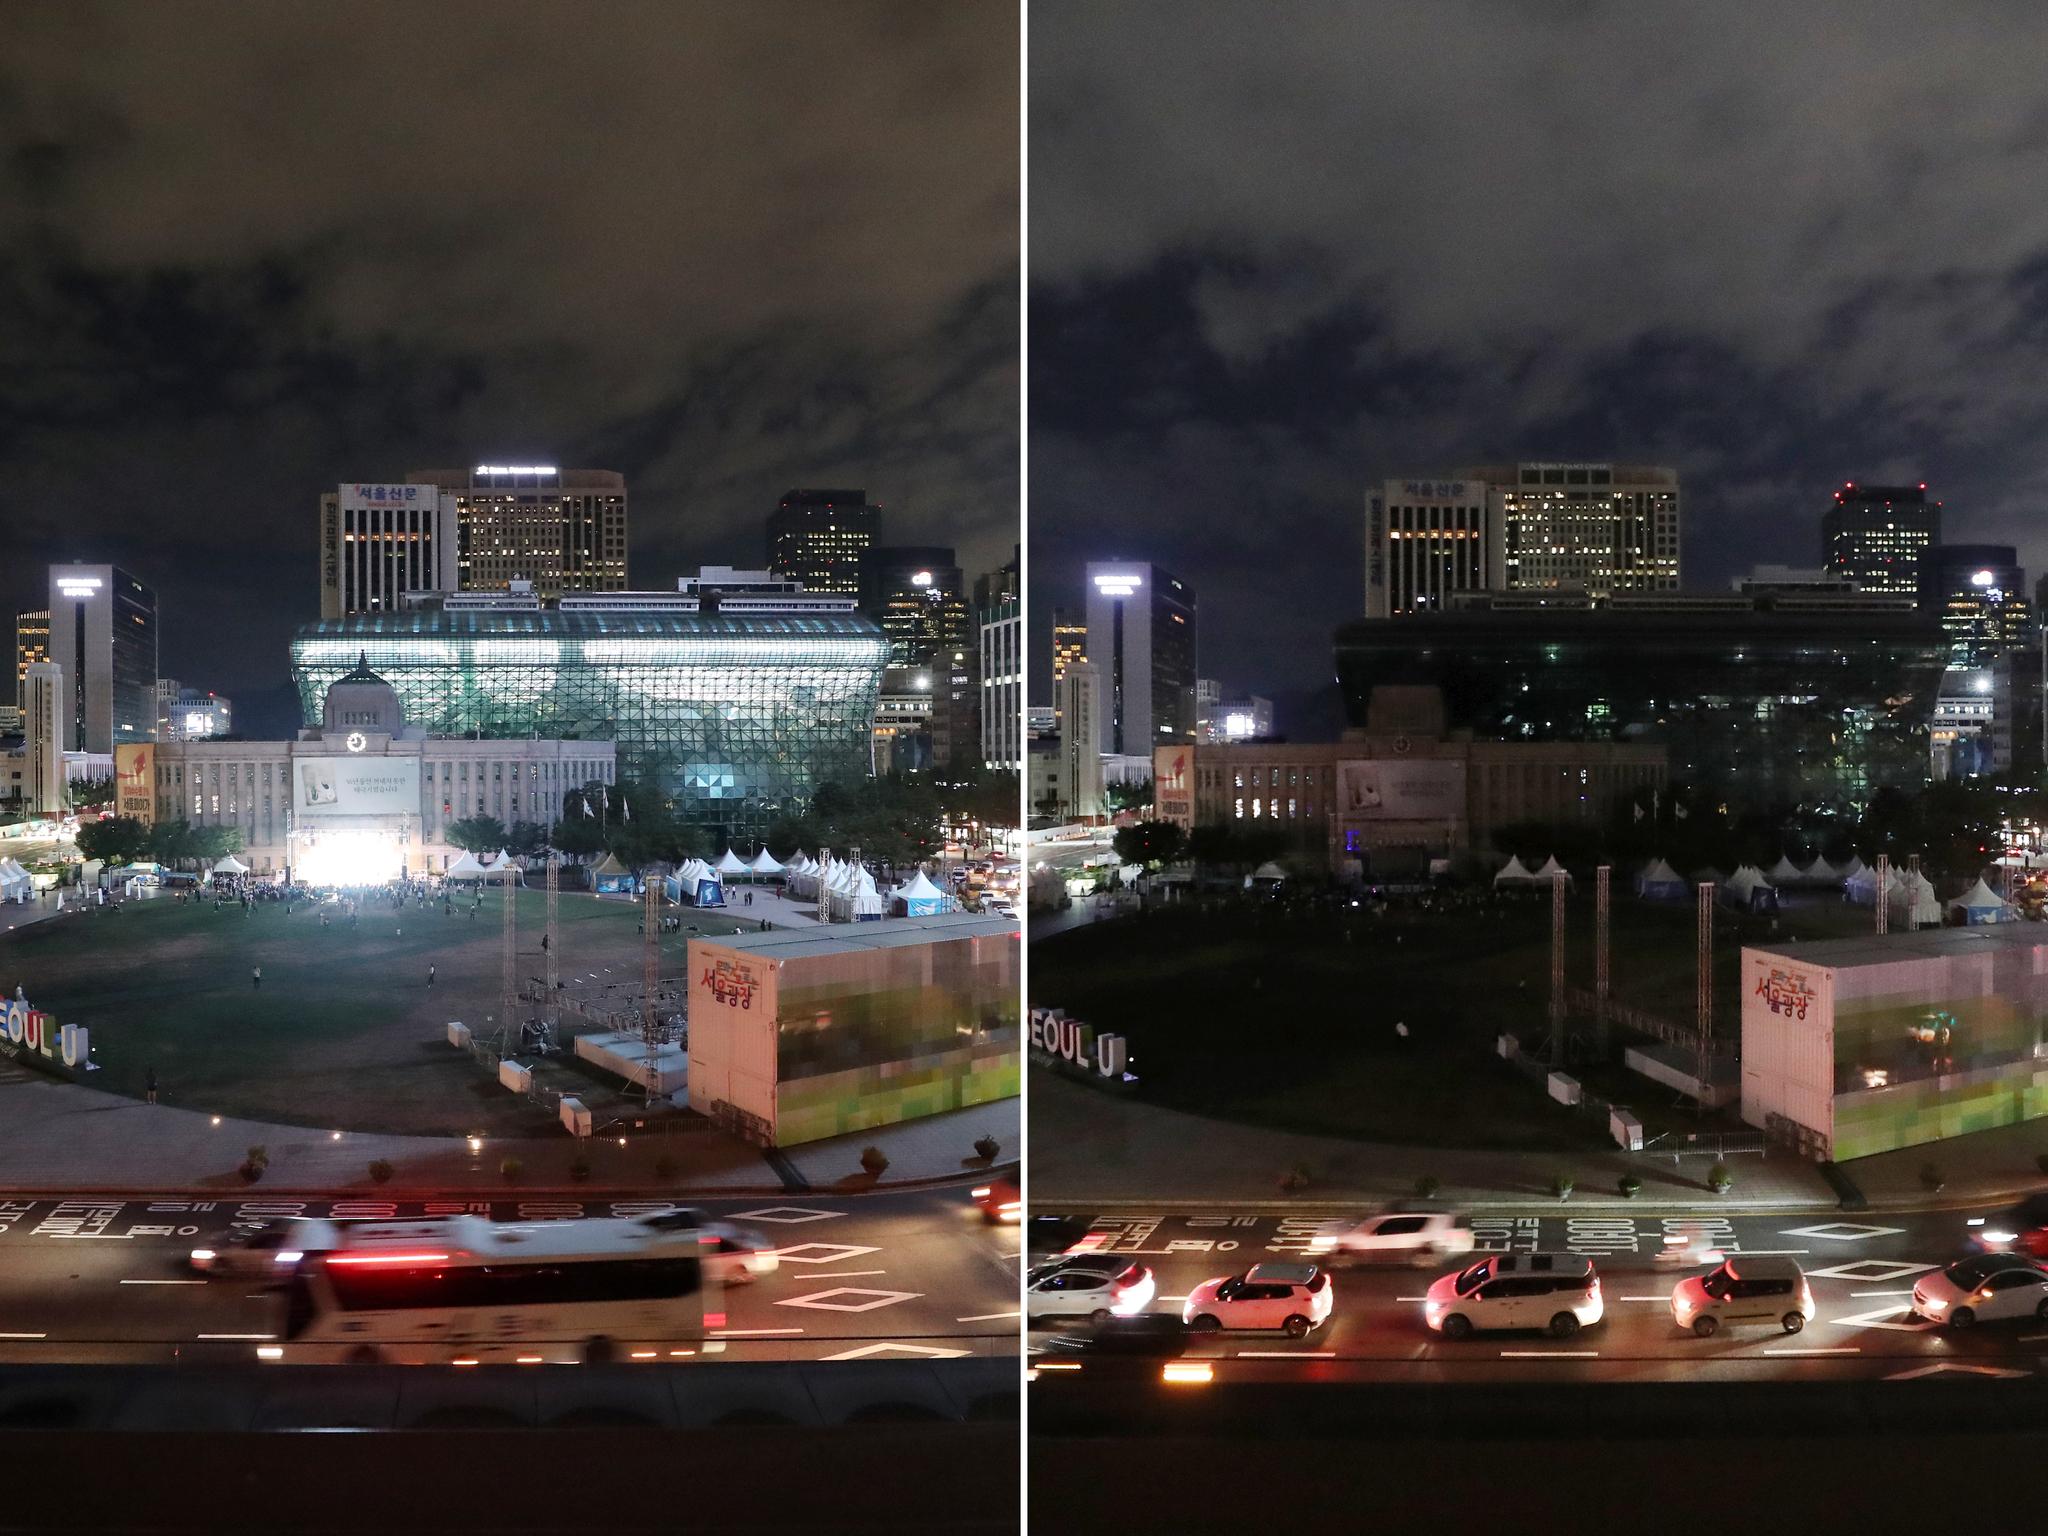 에너지의 날인 22일 밤 9시부터 5분 동안 전국적인 소등 캠페인이 펼쳐진다. 사진은 지난해 8월 22일 소등 전후의 서울시청과 일대 모습. [뉴스1]